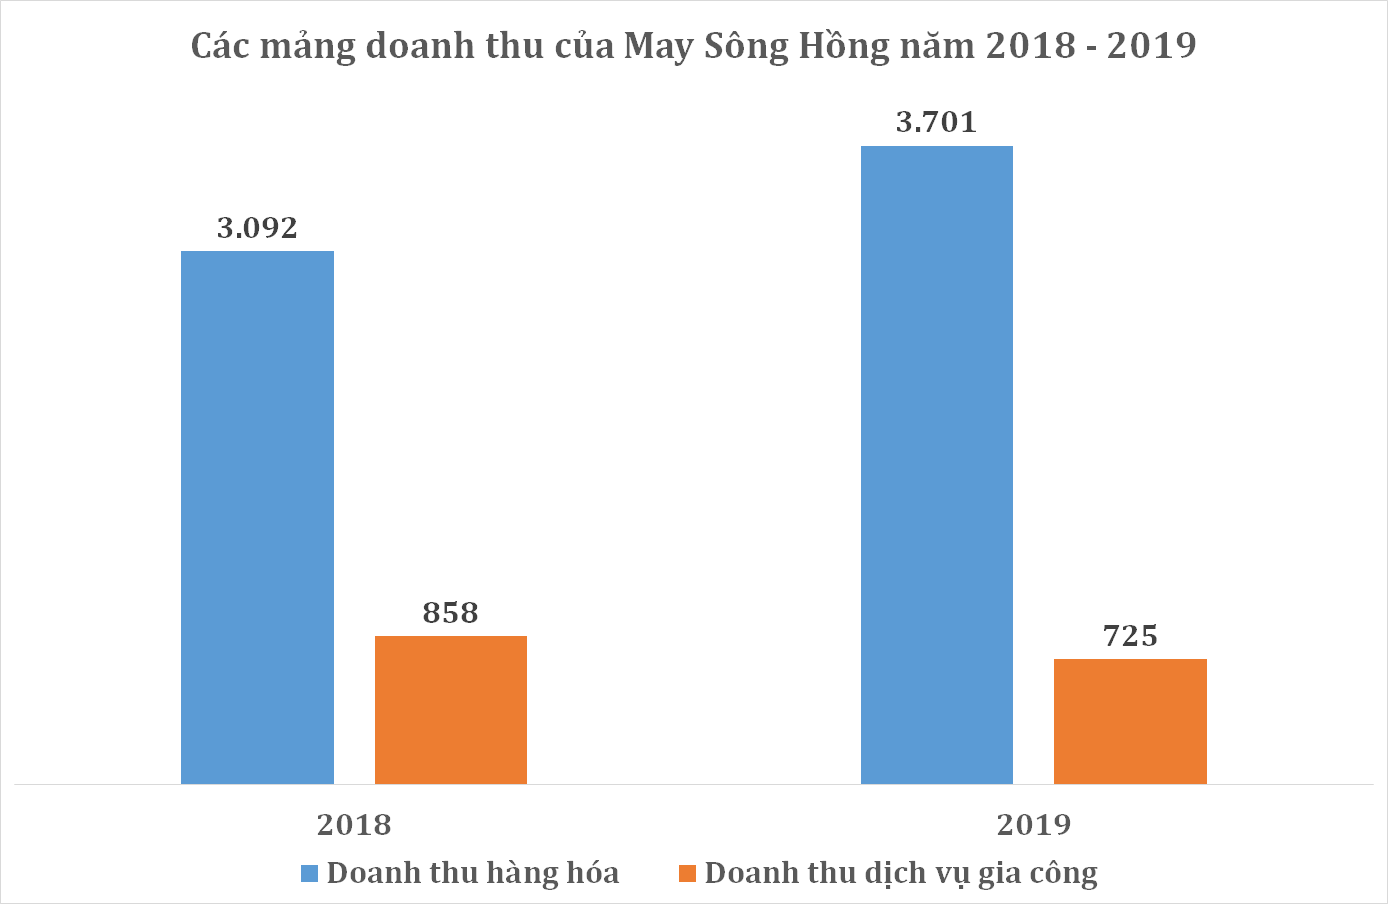 Covid-19 có thể ảnh hưởng đến tăng trưởng quí I/2019 của May Sông Hồng - Ảnh 1.